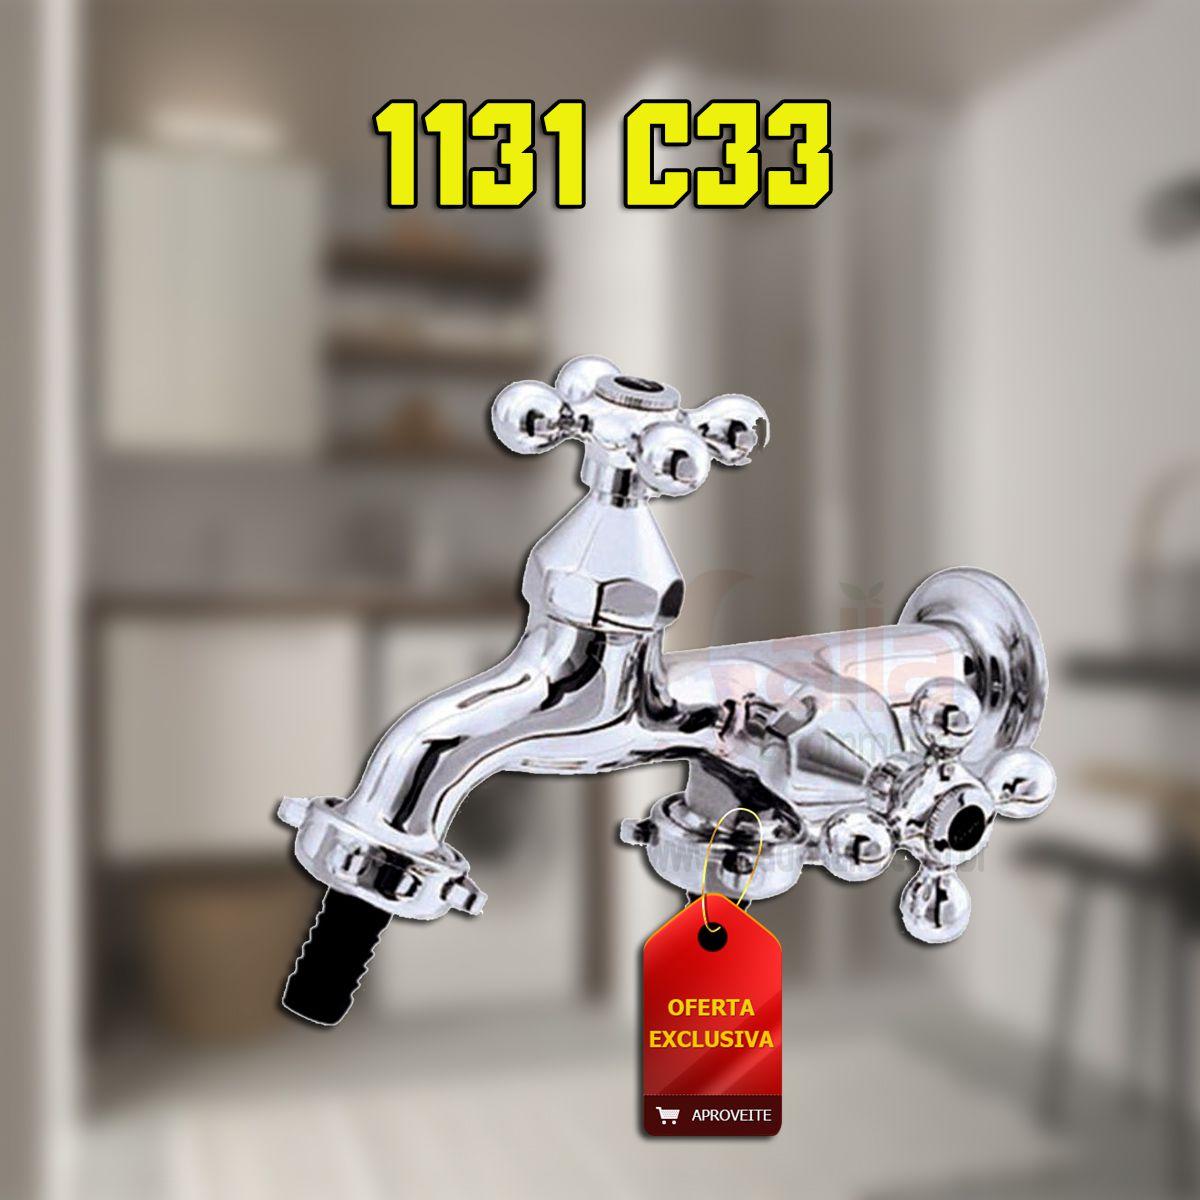 Torneira de Parede Fixa Cromada para Tanque com Saída p/ Máquina de Lavar 1131 C33 Forusi